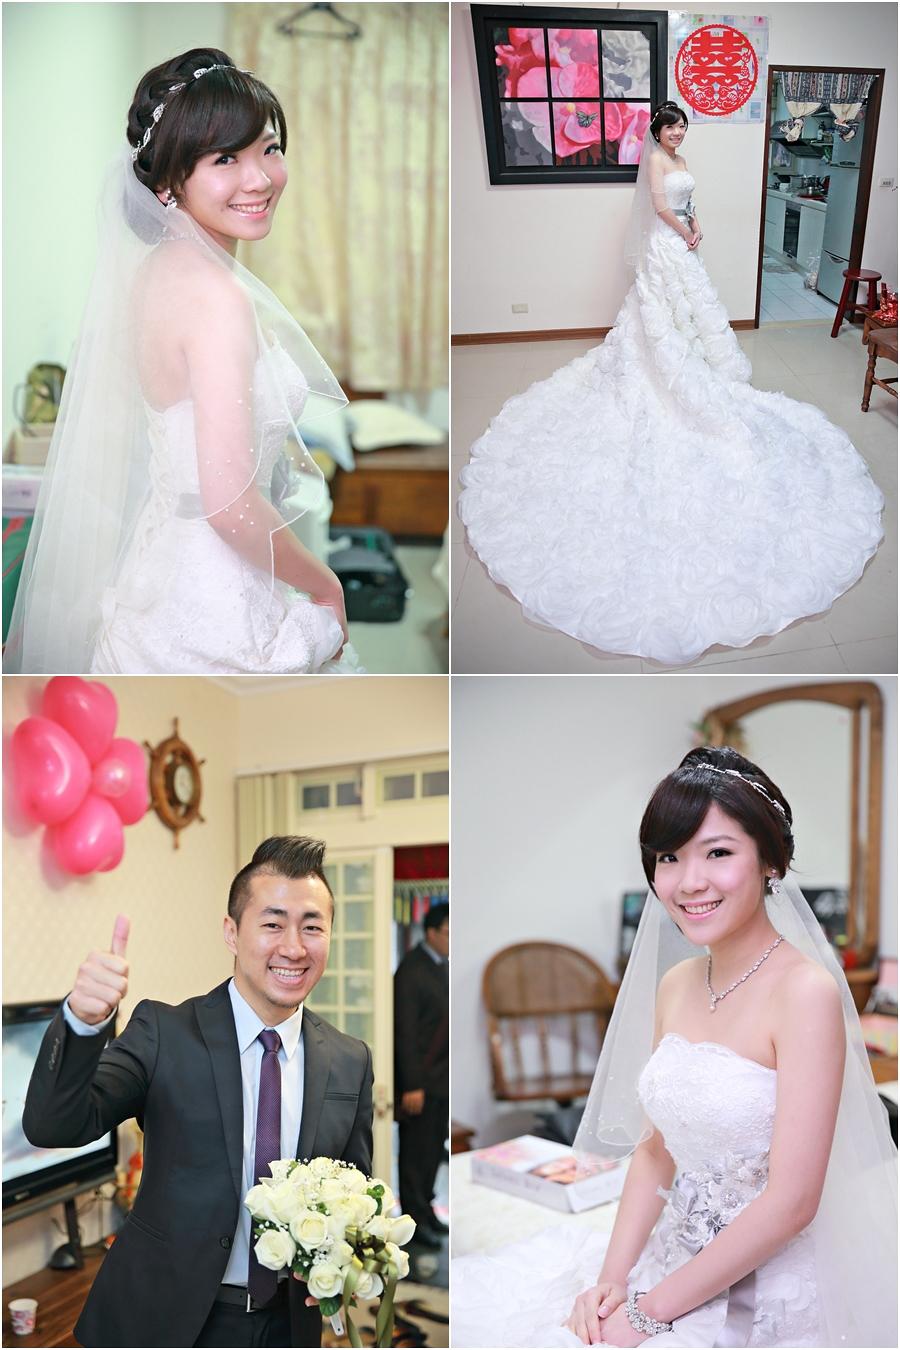 婚攝推薦,婚攝,婚禮記錄,搖滾雙魚,新店豪鼎中興館,婚禮攝影